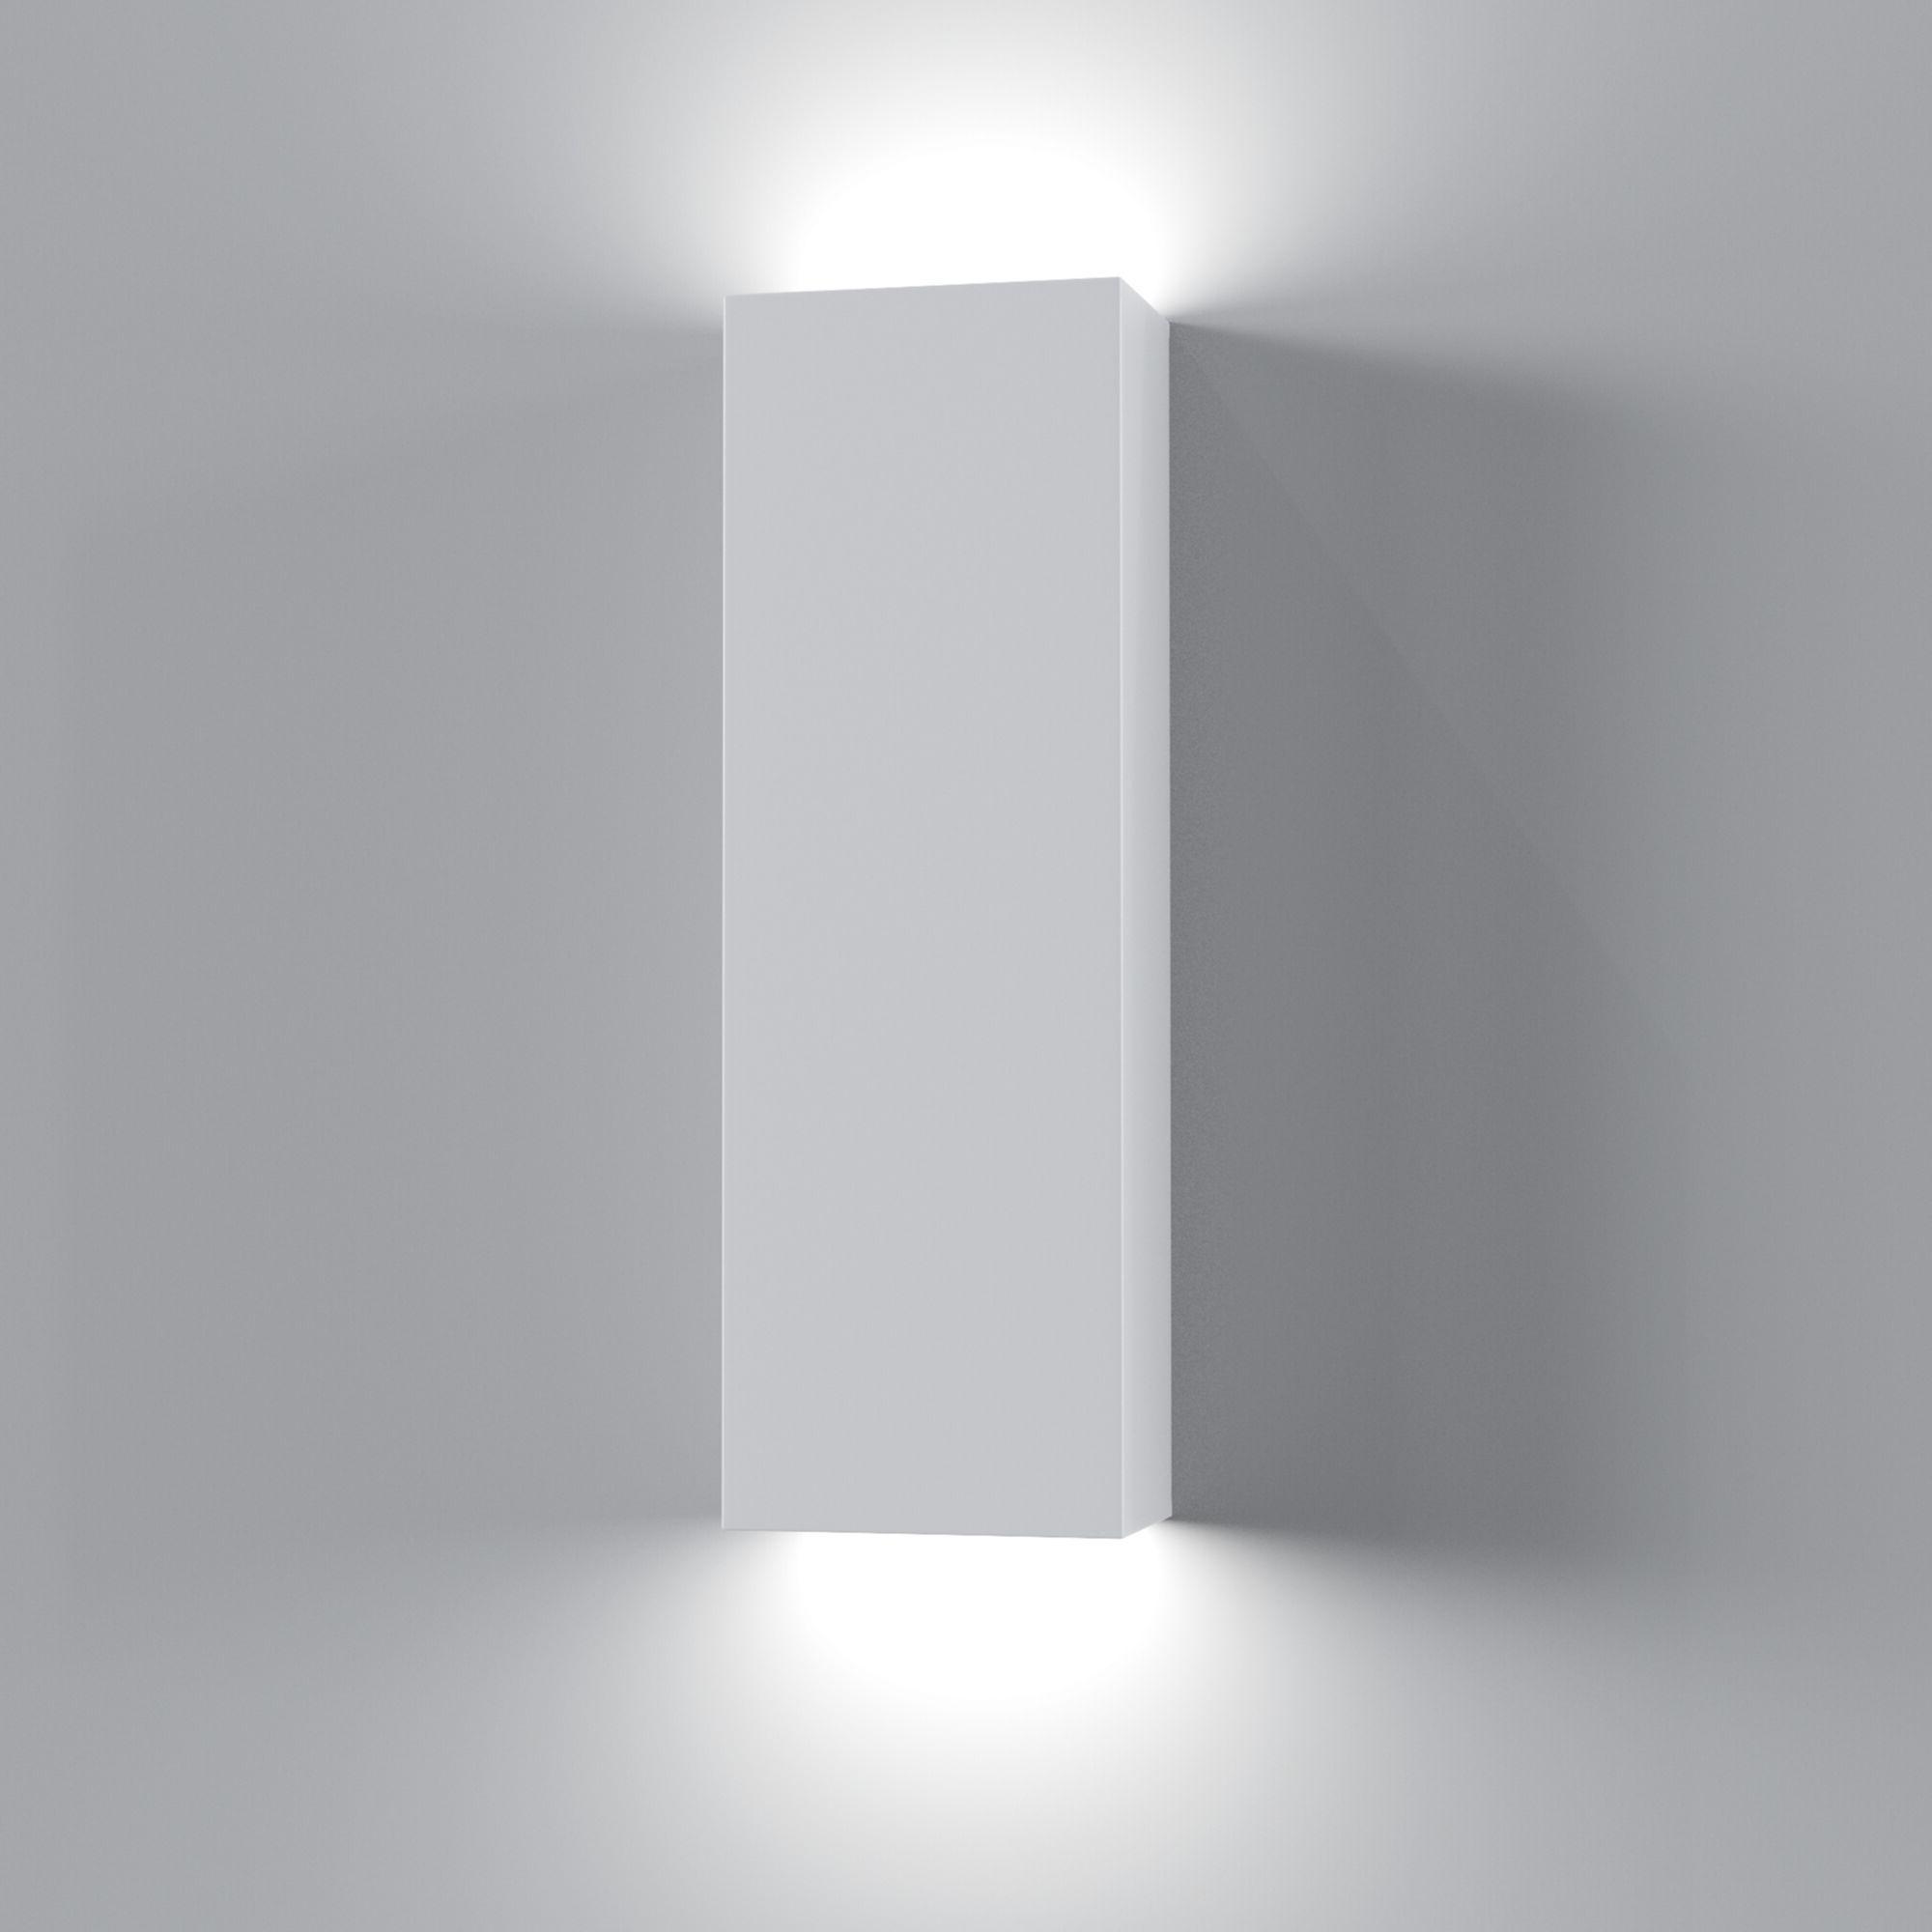 Настенный светильник Maytoni Parma C190-WL-02-W, 2xG9x5W, белый, под покраску, гипс - фото 2